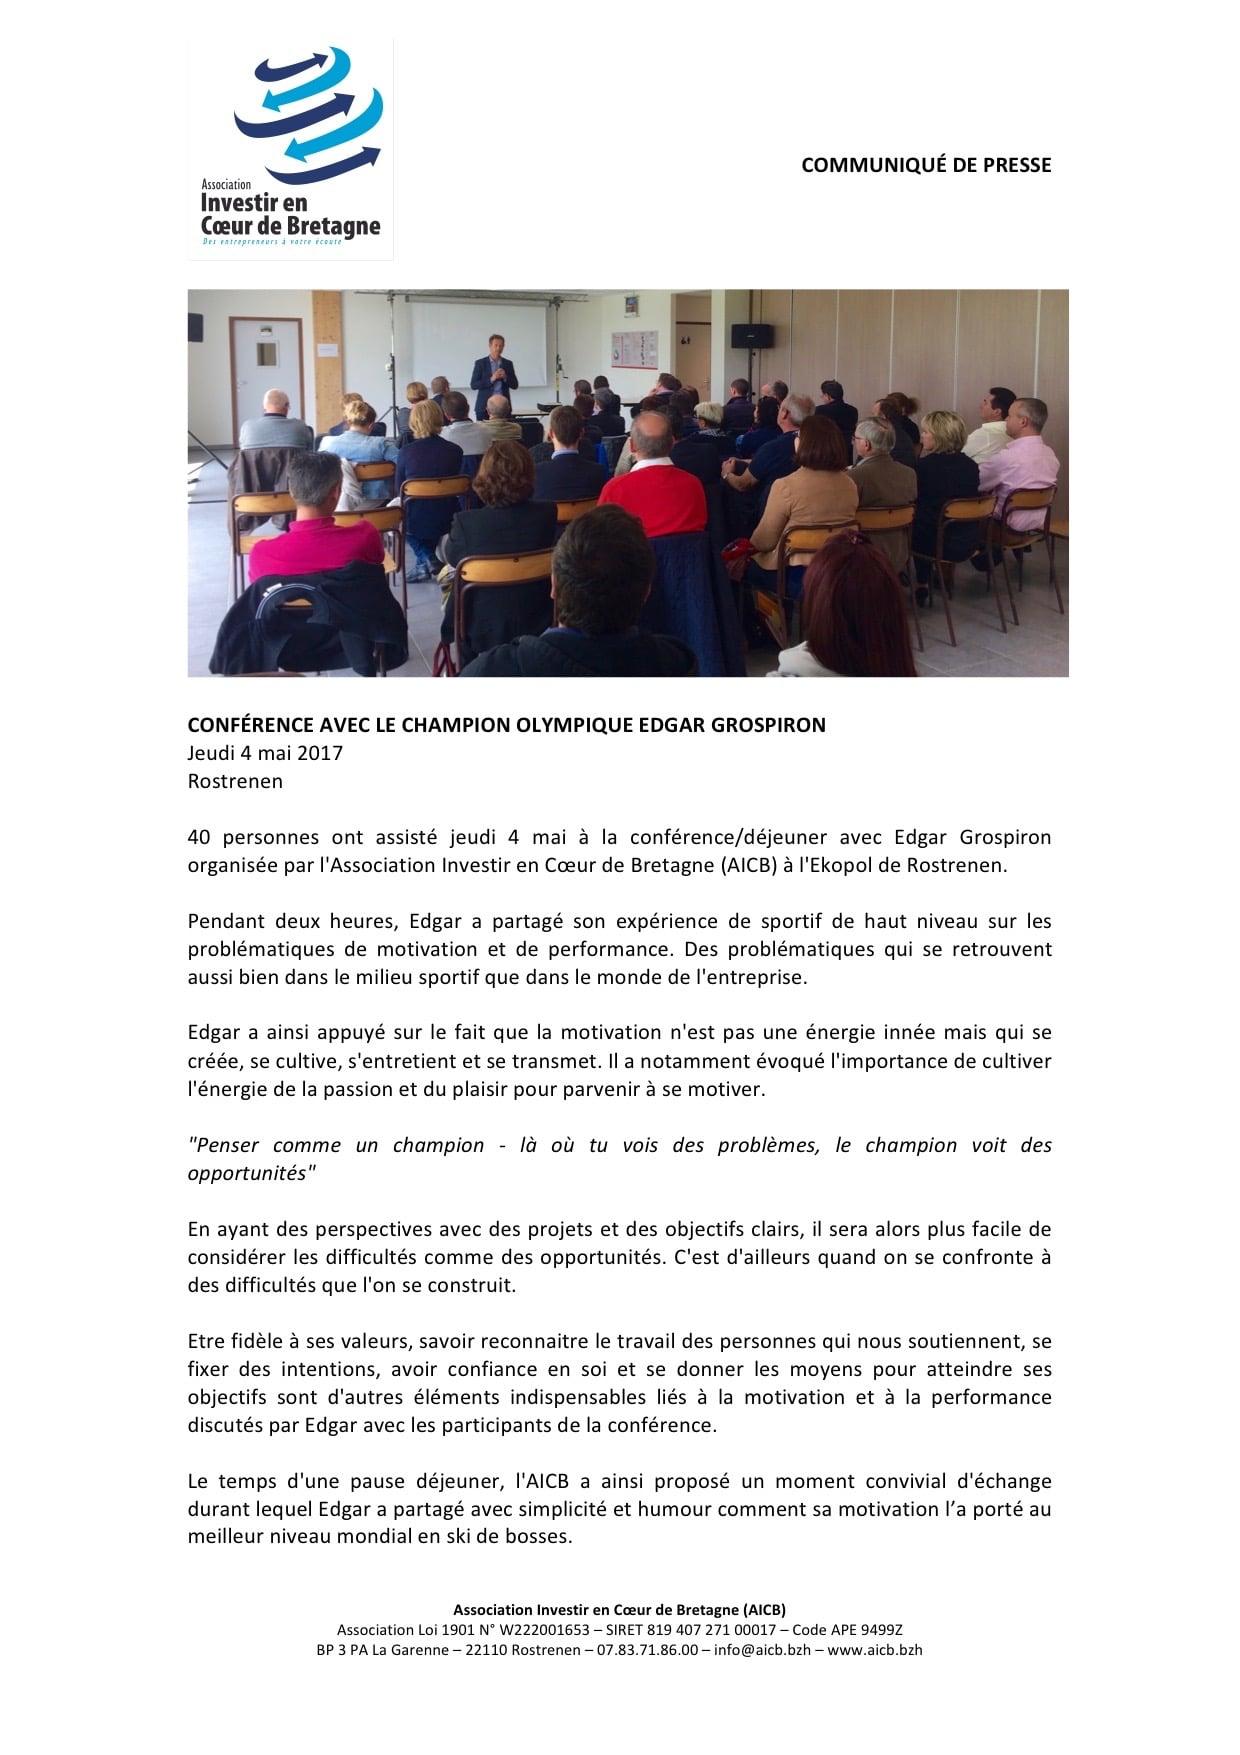 Communiqué de presse AICB - conférence Edgar Grospiron